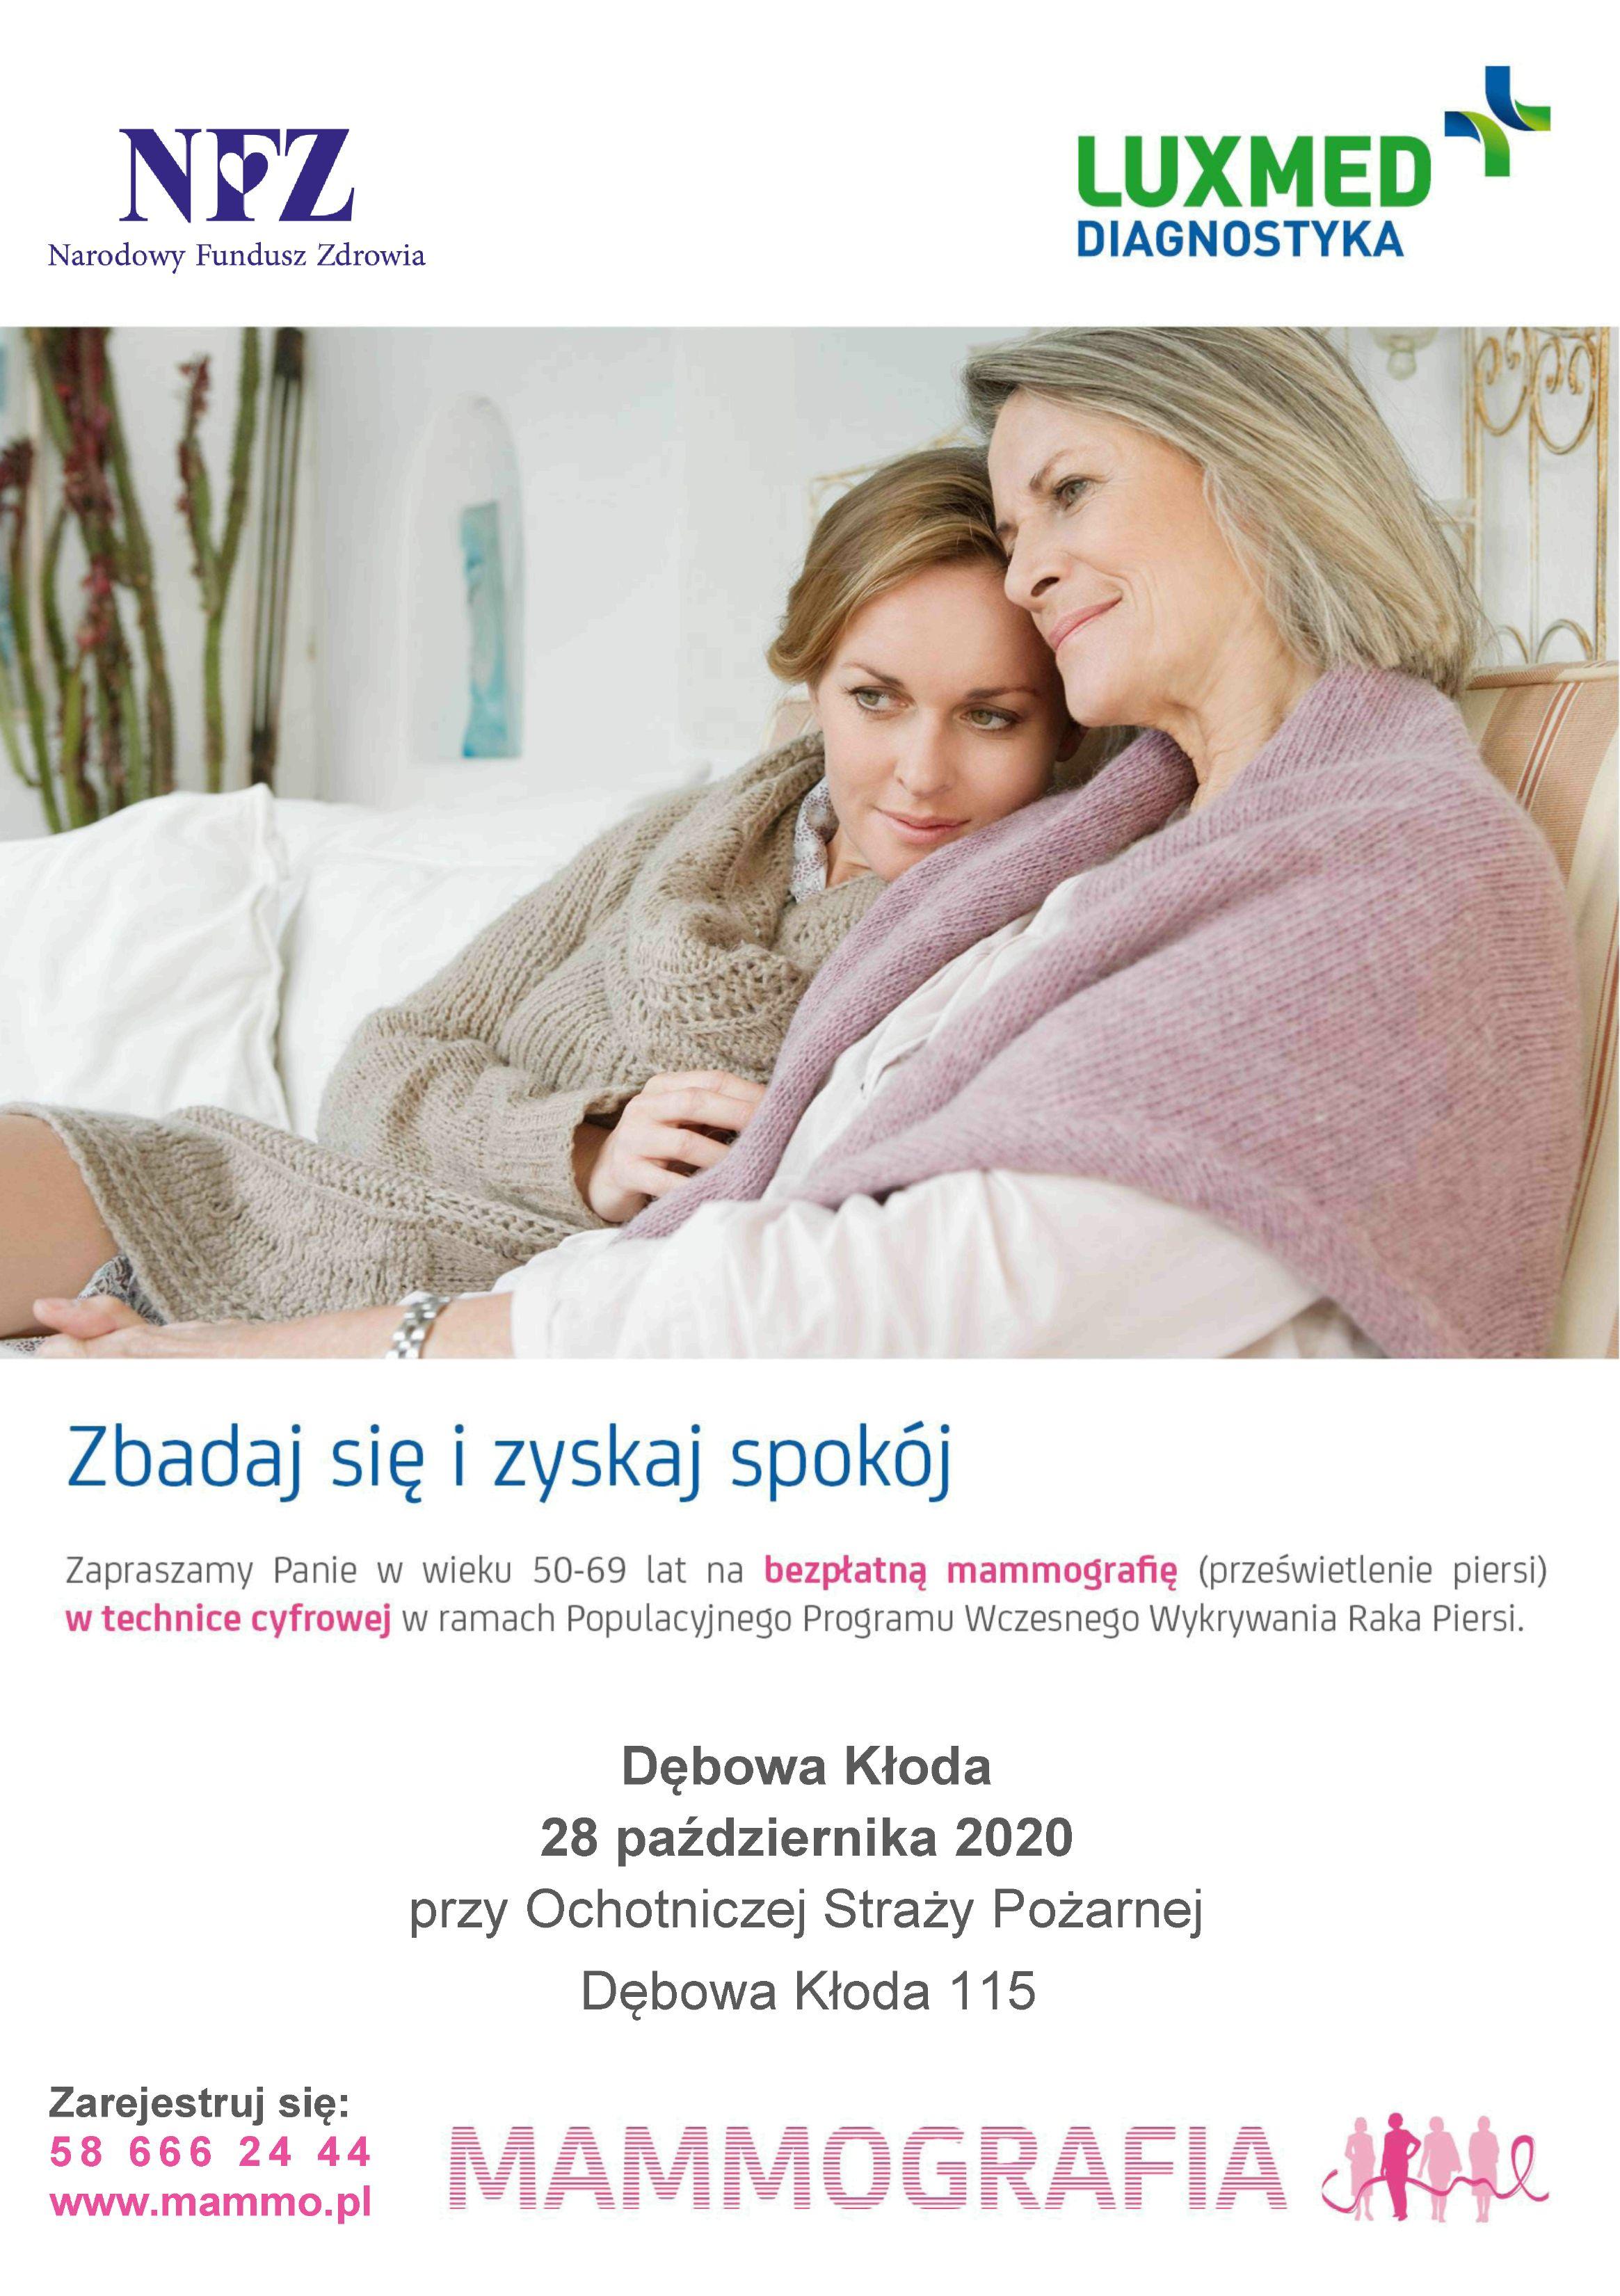 Zapraszamy na badanie mammograficzne w Dębowej Kłodzie 28 października 2020 w godzinach od 9.00 do 12.30 przy Ochotniczej Straży Pożarnej, Dębowa Kłoda 115